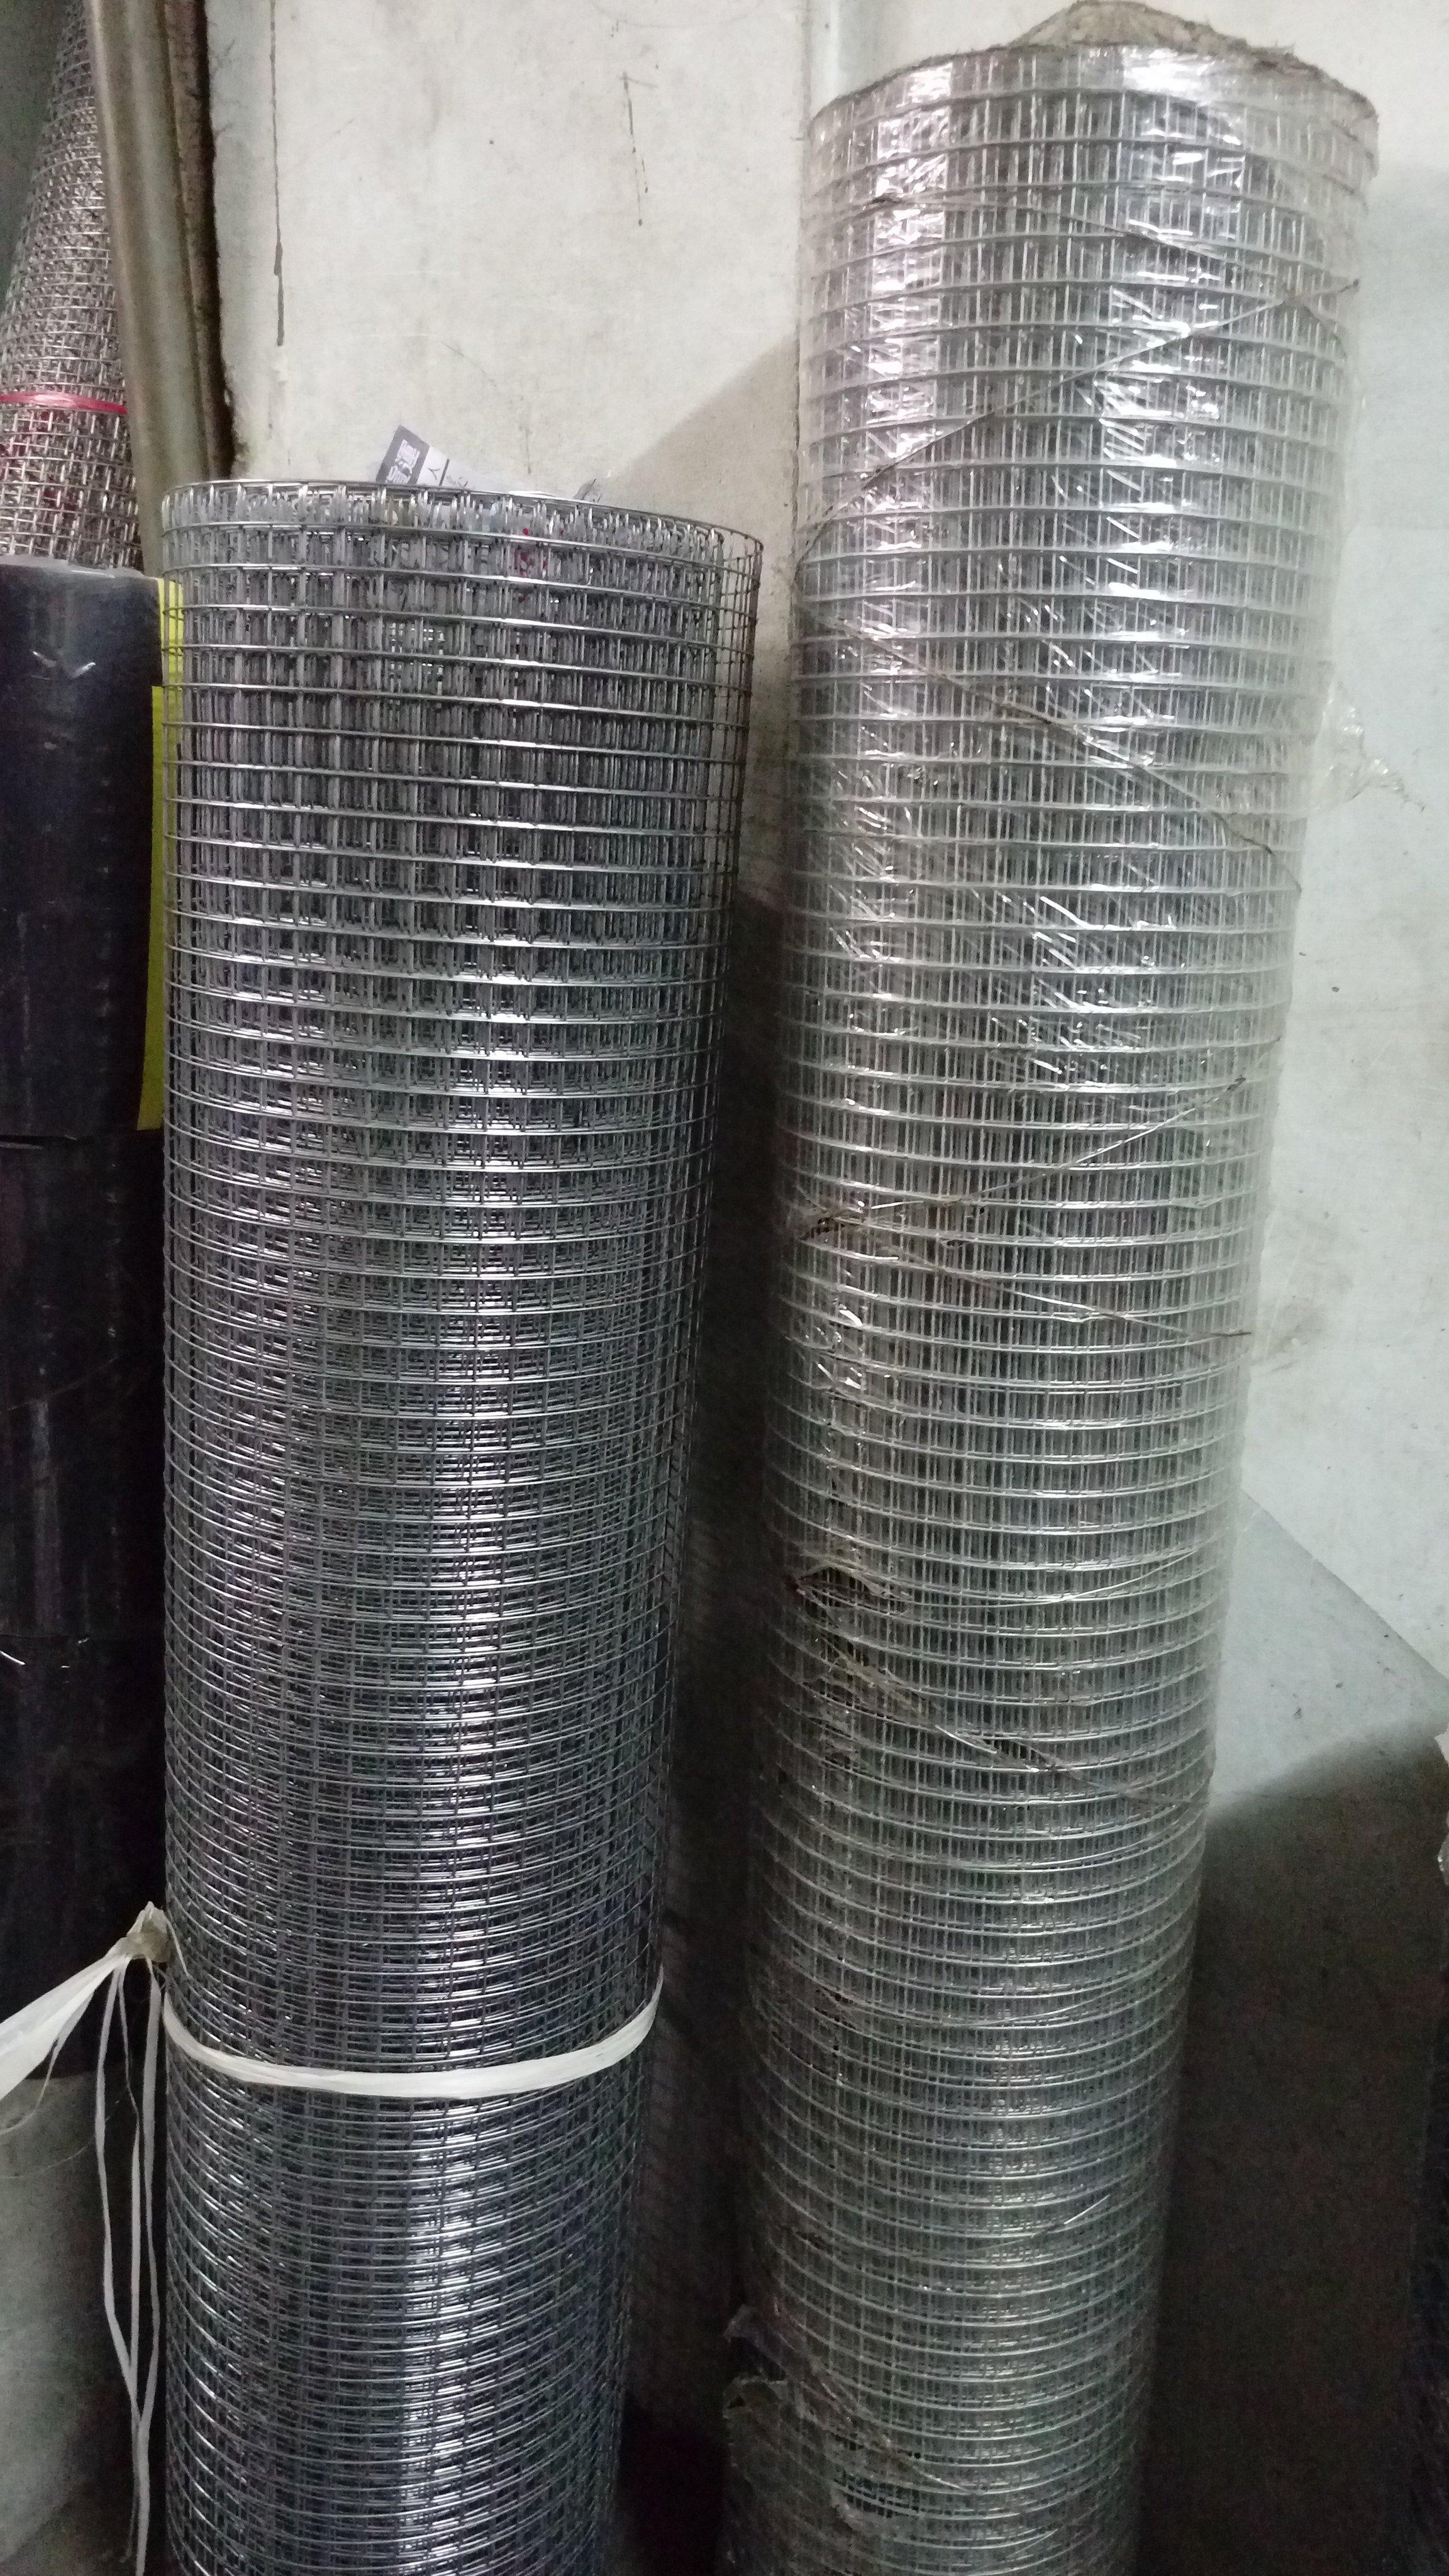 點焊鋼絲網 點焊網 16# 3/4  4尺寬 全長約50尺 6分孔徑 鍍鋅網 鐵網  圍籬_粗俗俗五金大賣場